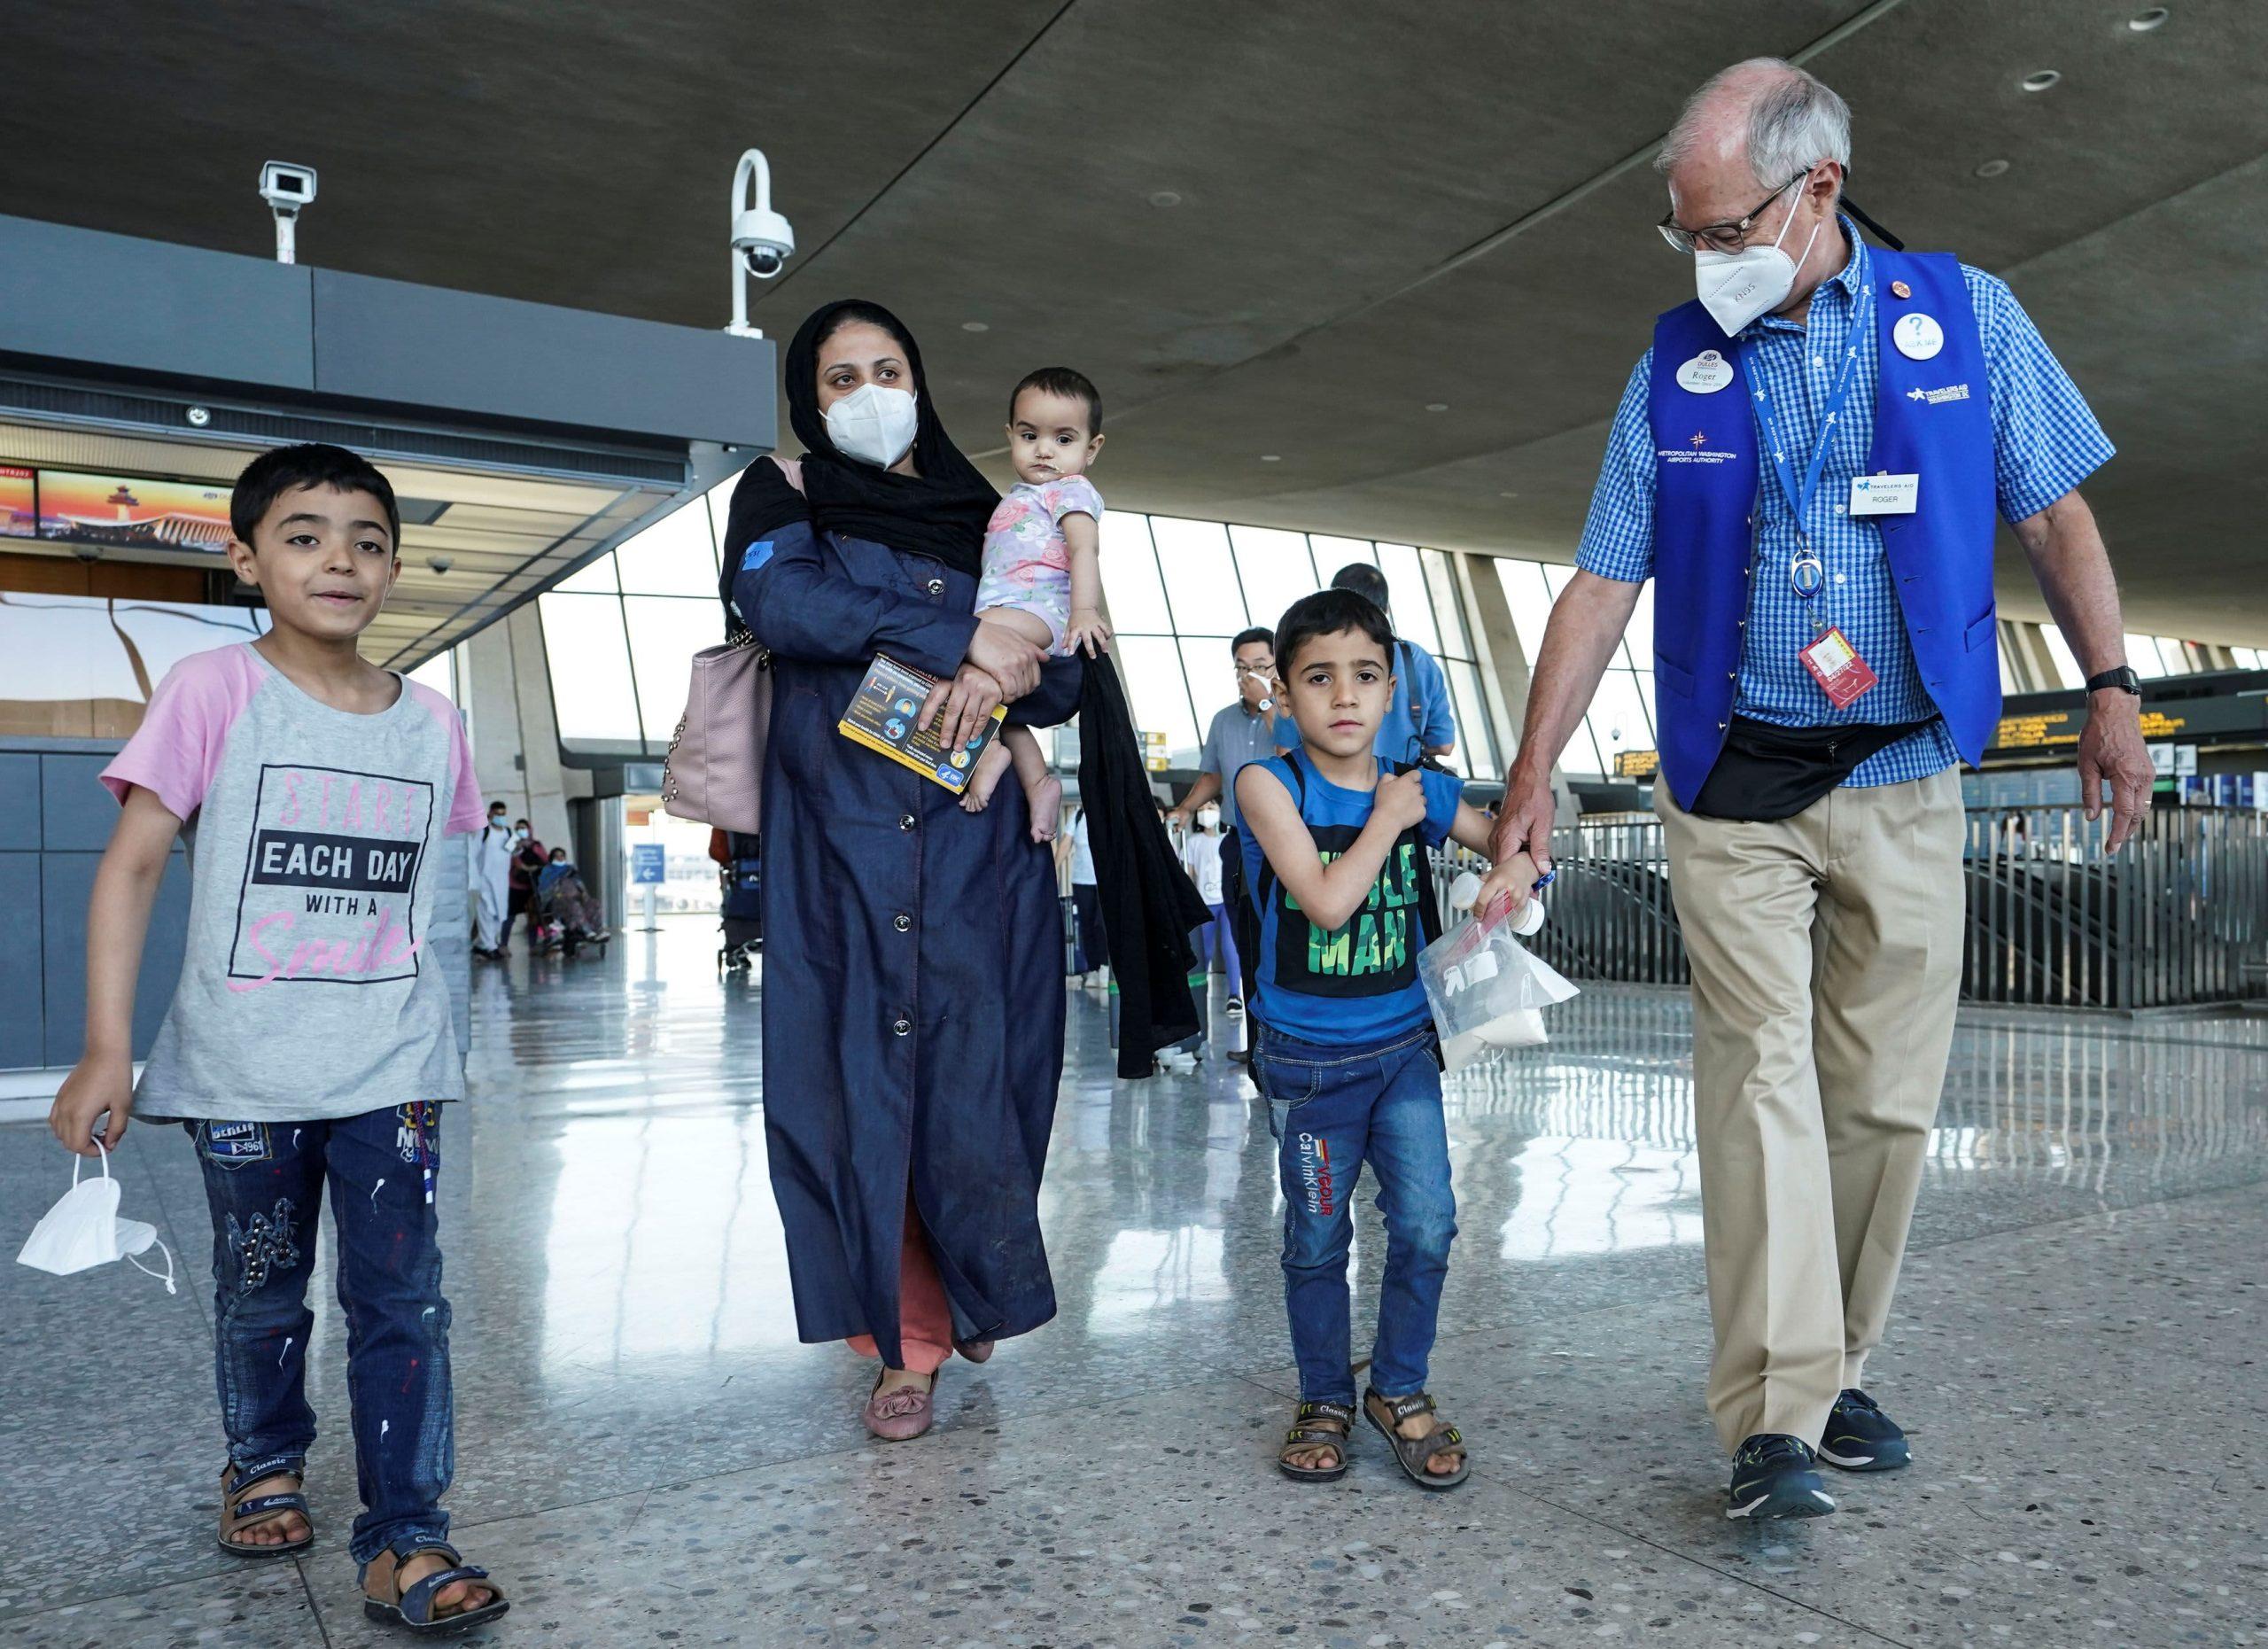 Vivienda, empleo y llamadas gratuitas: cómo las empresas apoyan a los refugiados afganos